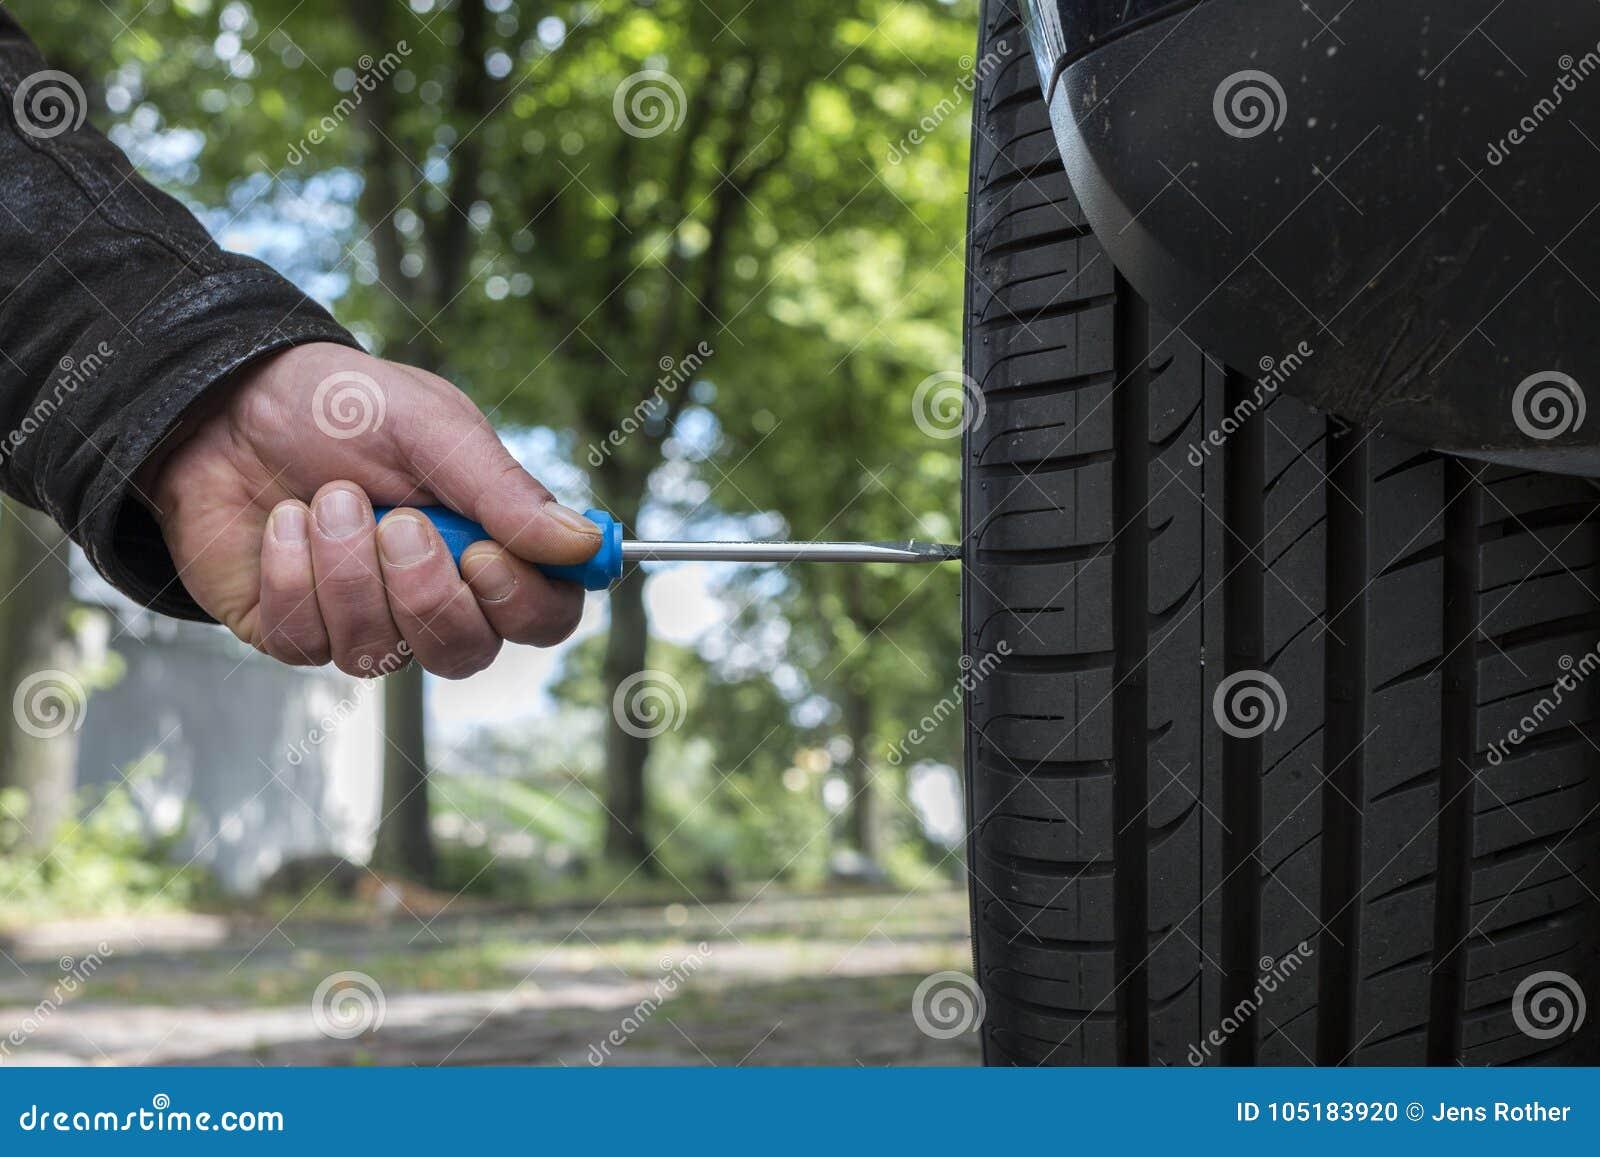 Человек сокрушает автошину автомобиля